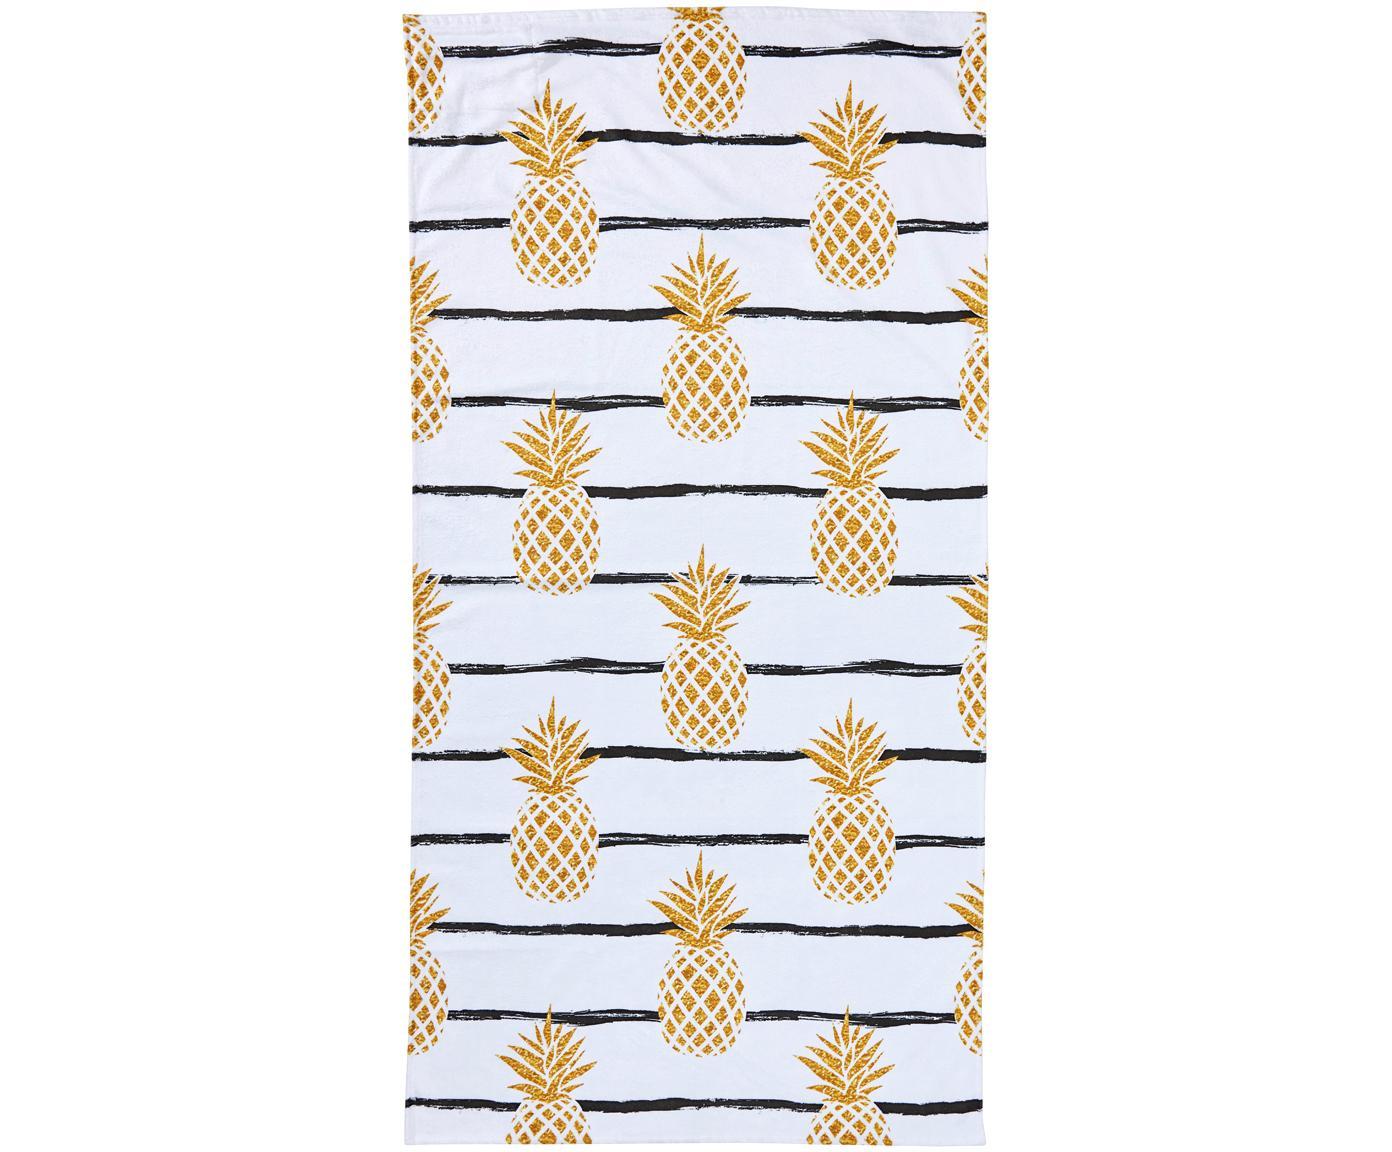 Strandtuch Case Pineapples, Rückseite: Frottier, Weiss, Gelb, Schwarz, 90 x 180 cm